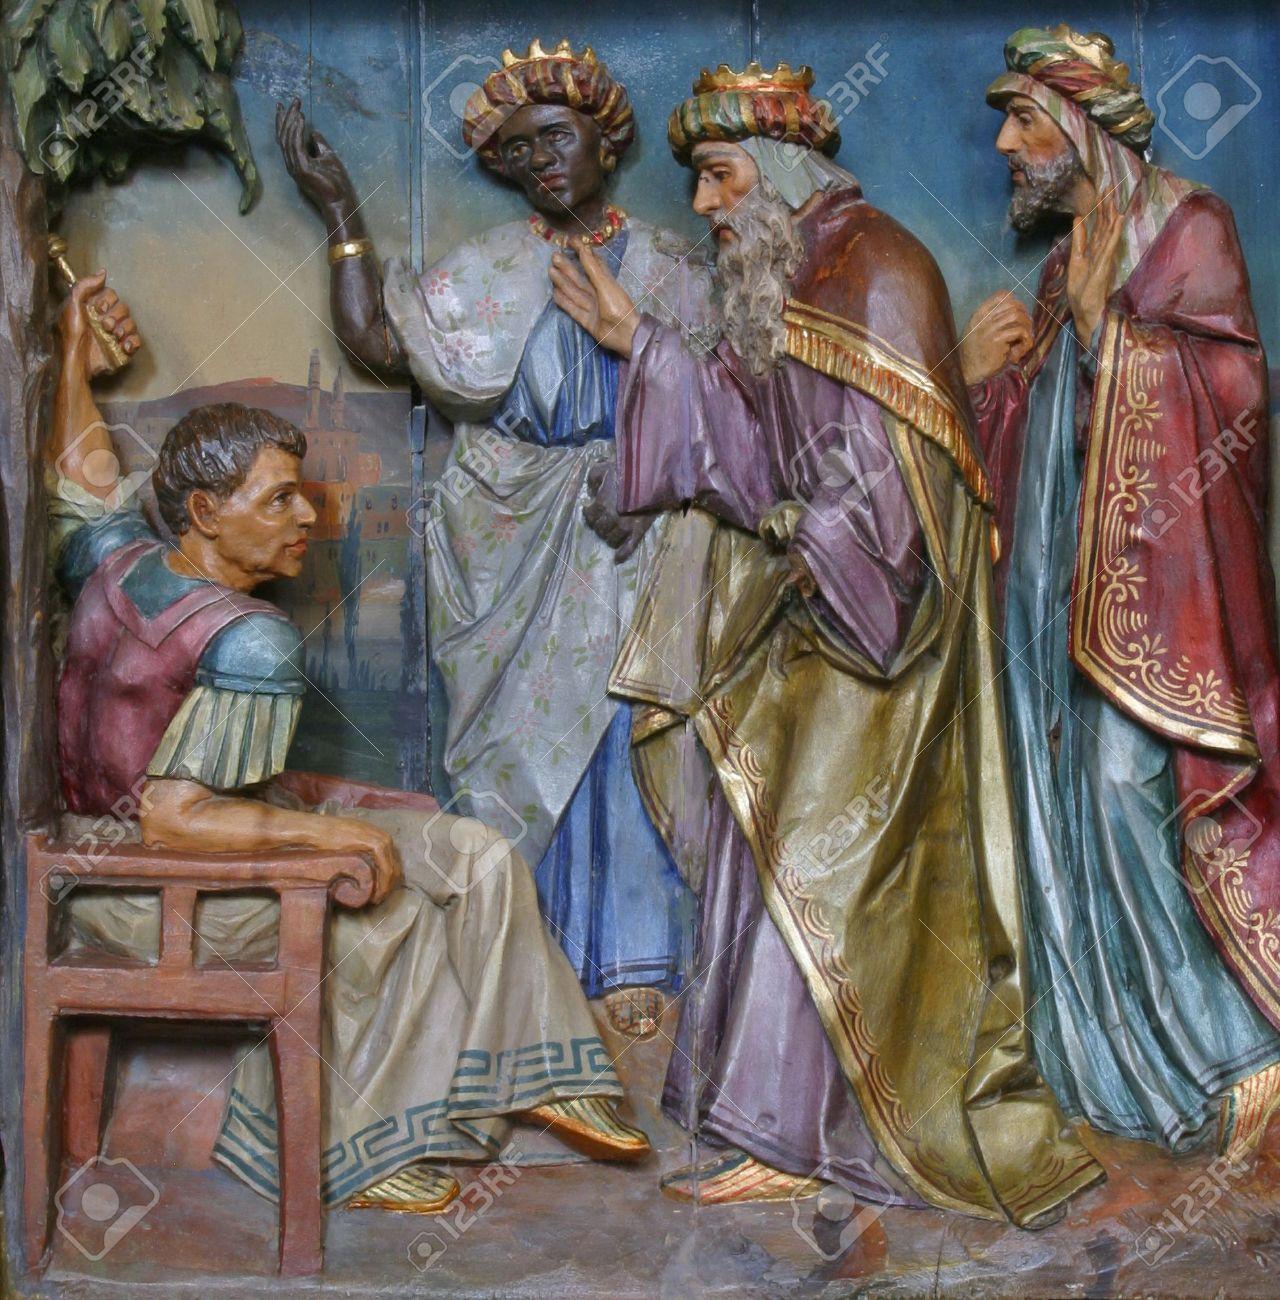 No existieron los Reyes Magos: Te bailaron sabroso